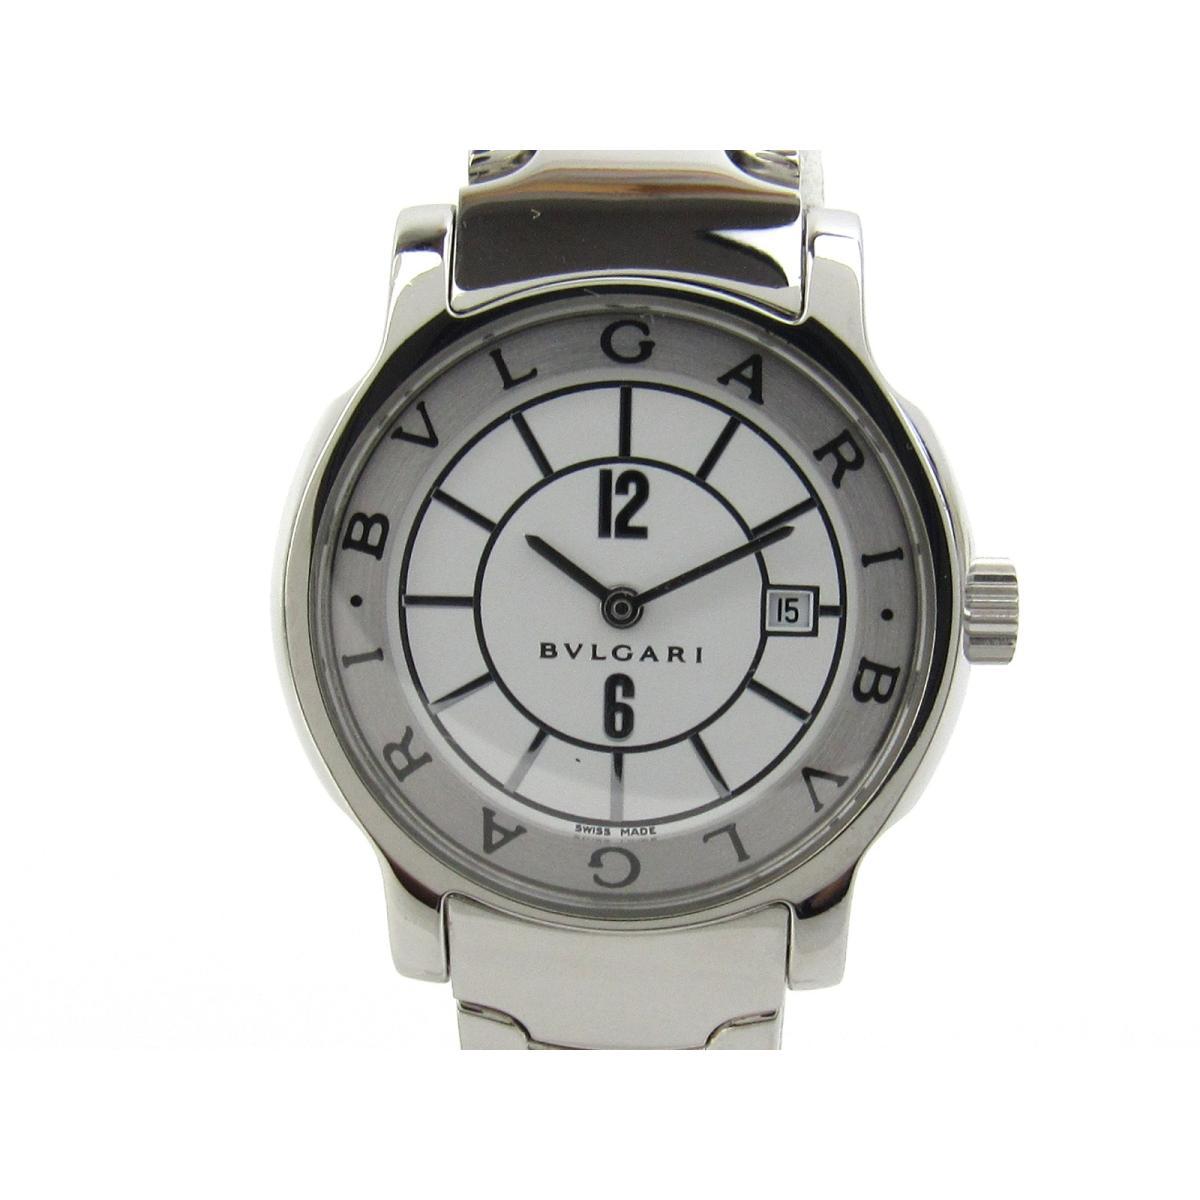 ソロテンポ/腕時計/レディース